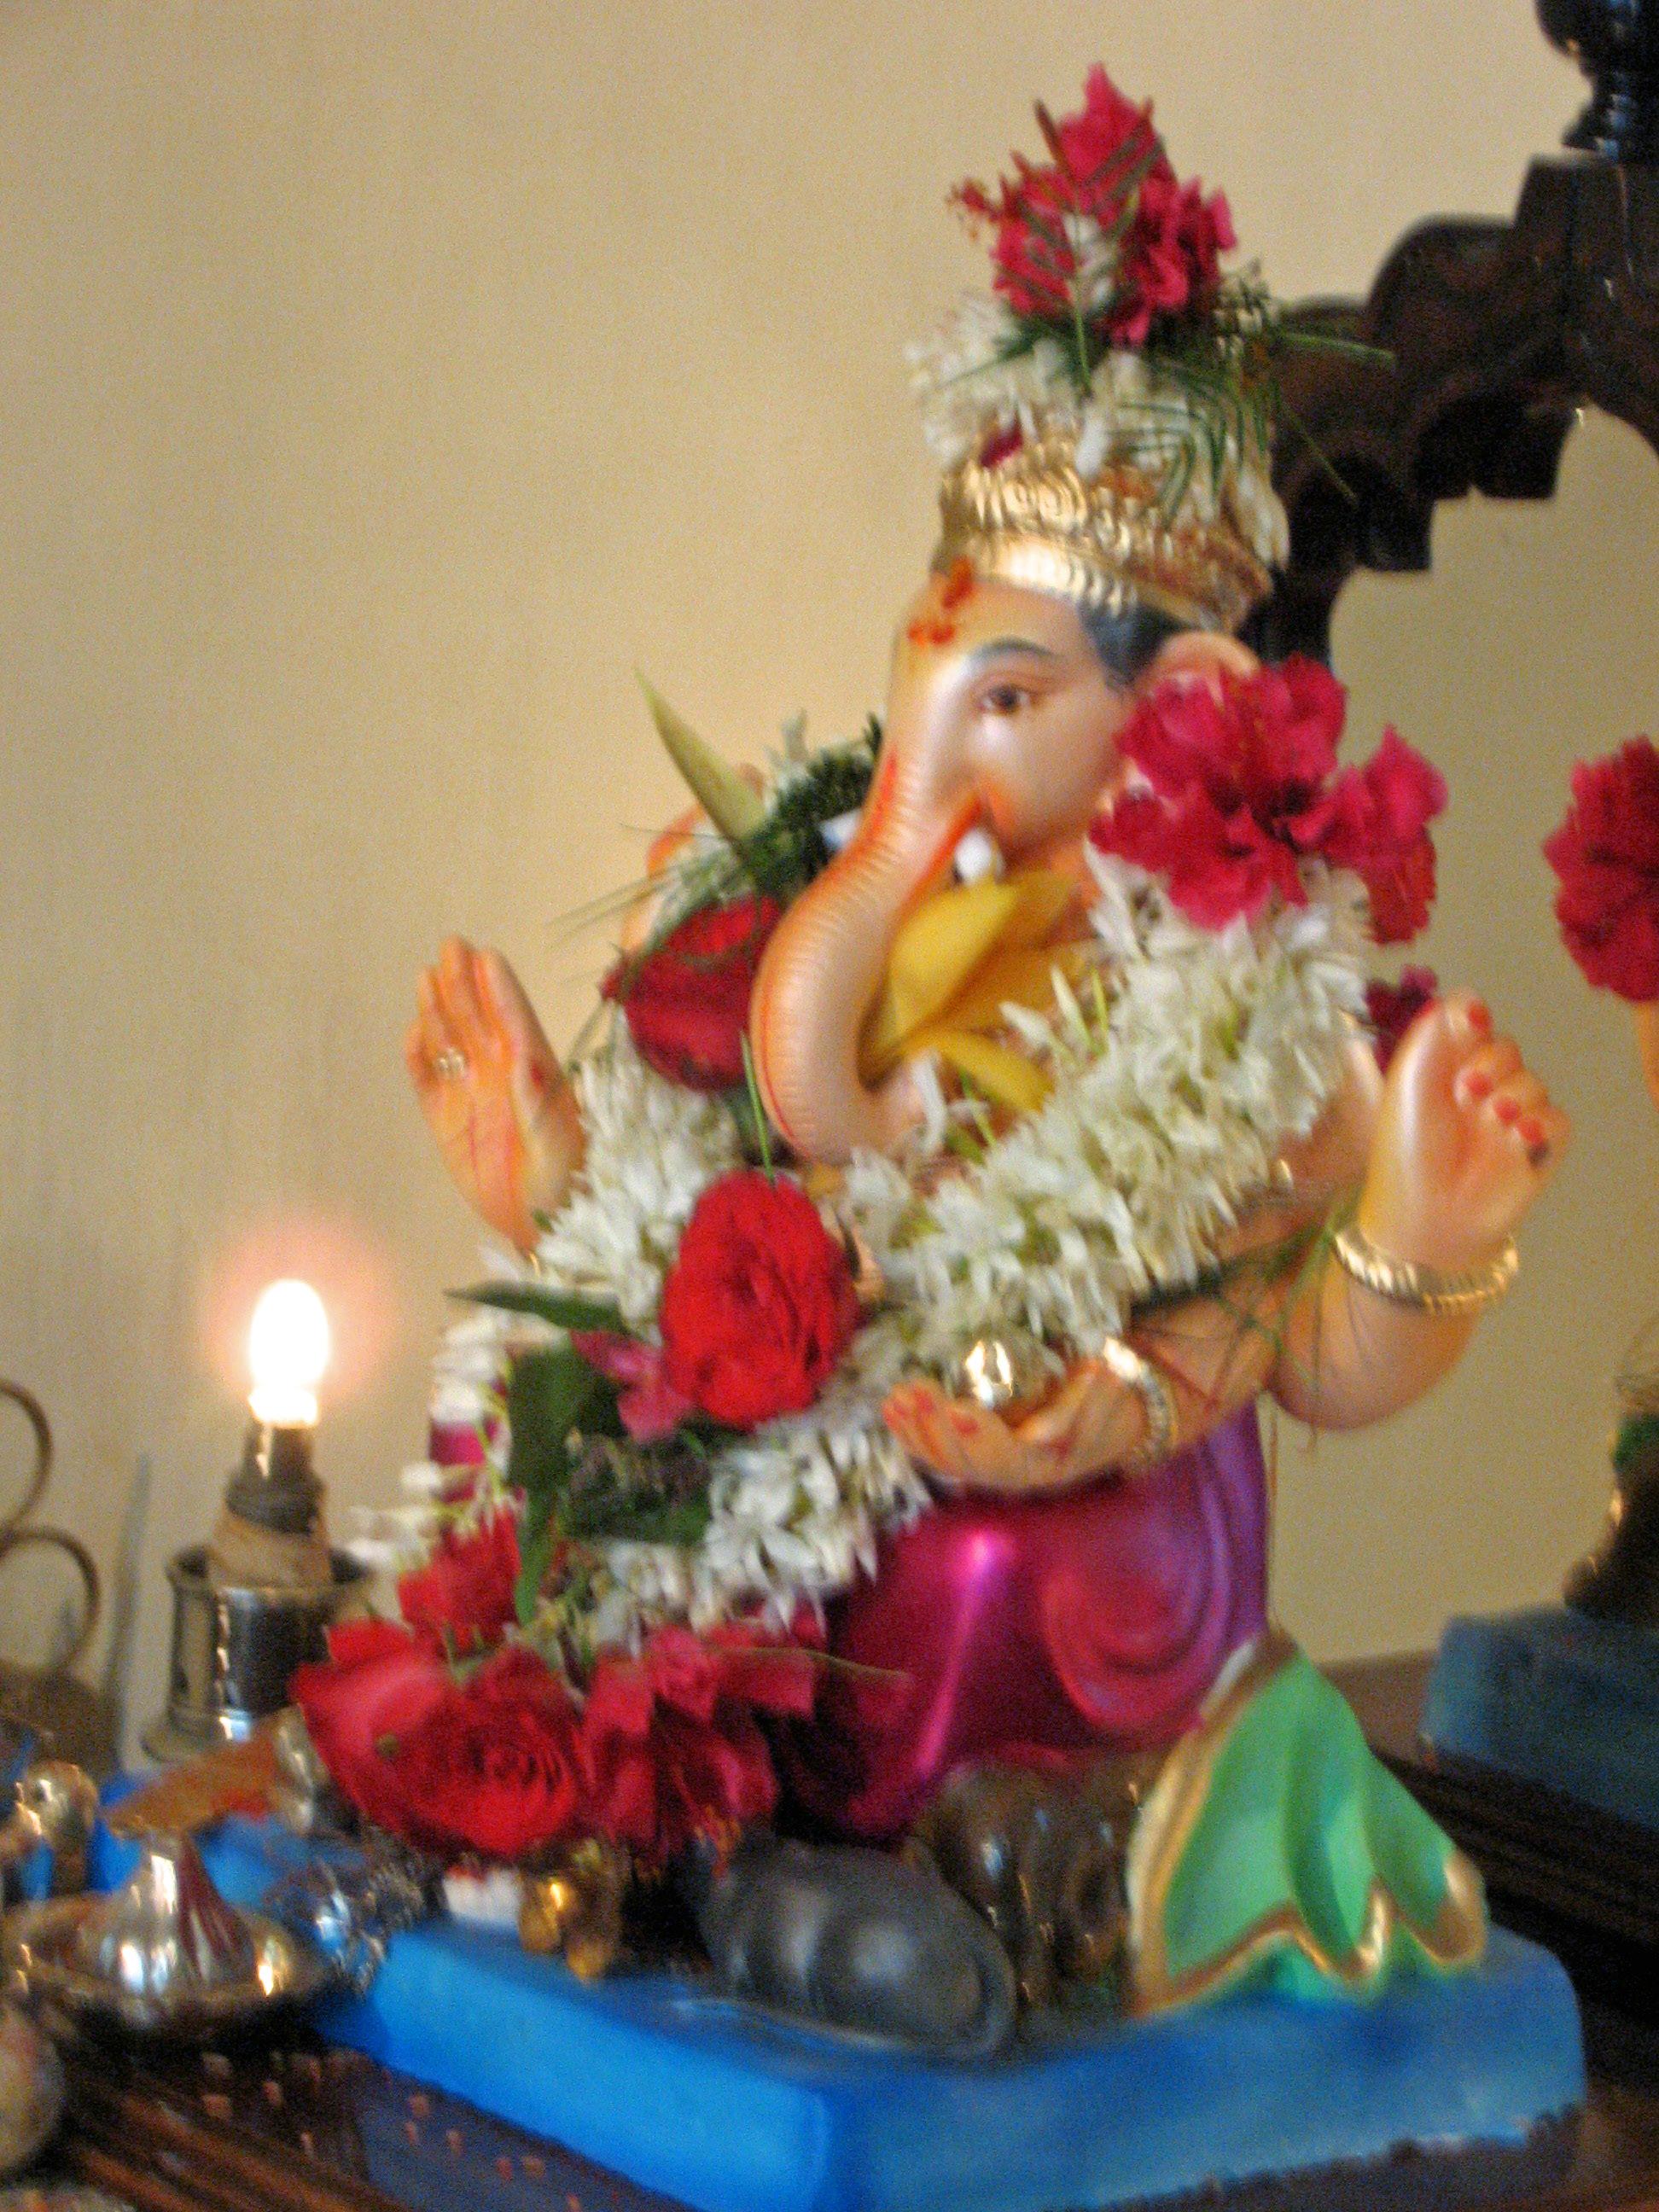 file:clay ganesh murti, ganesh chaturthi - wikimedia commons